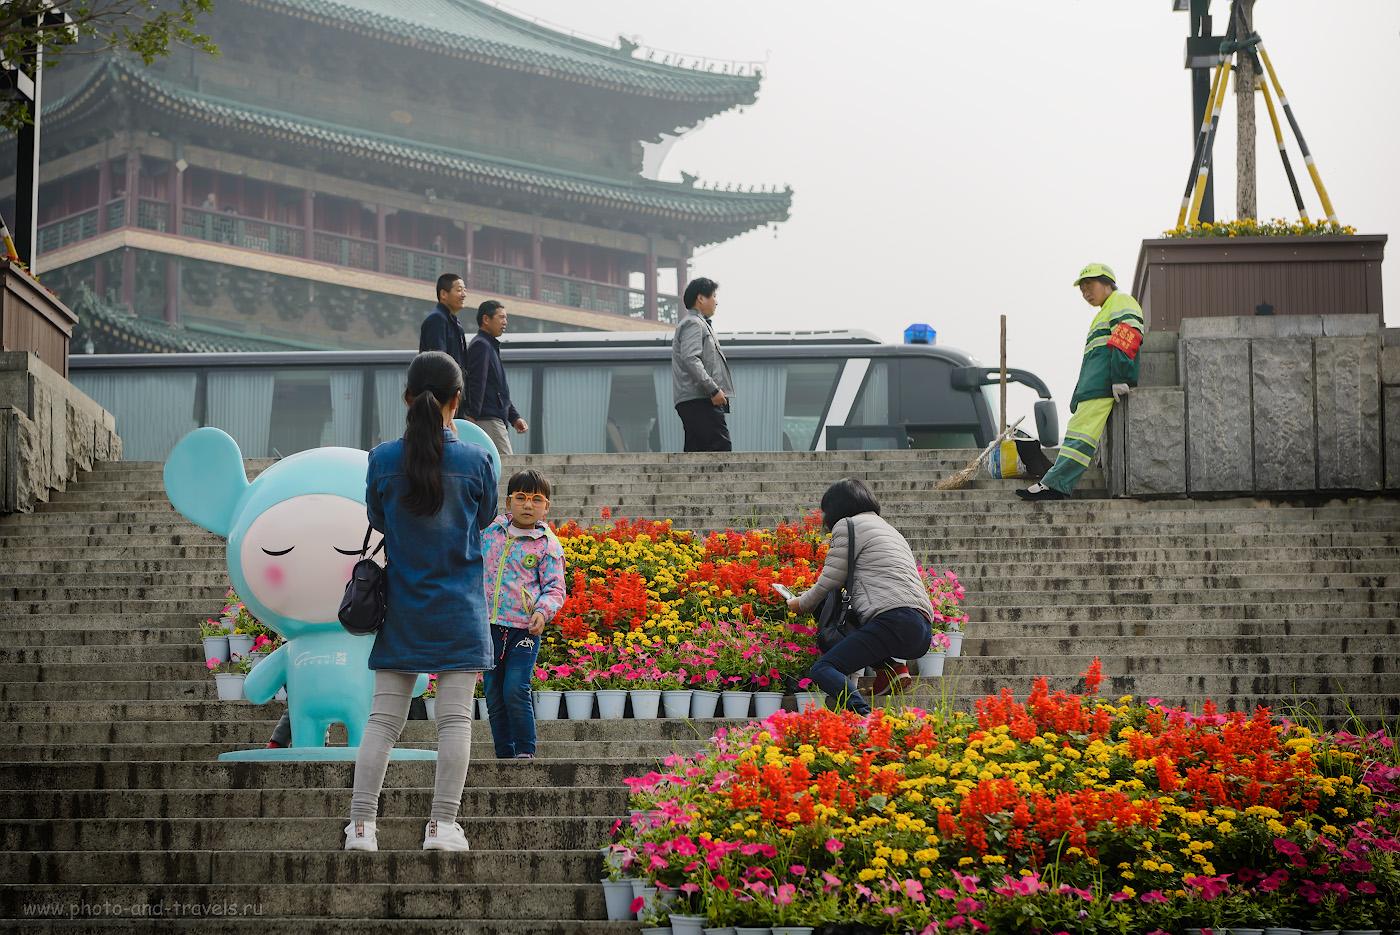 Фото 11. Туристы и Колокольня. Отчет о поездке в Сиань самостоятельно во время путешествия по Китаю. 1/640, -1.0, 5.0, 100, 70.